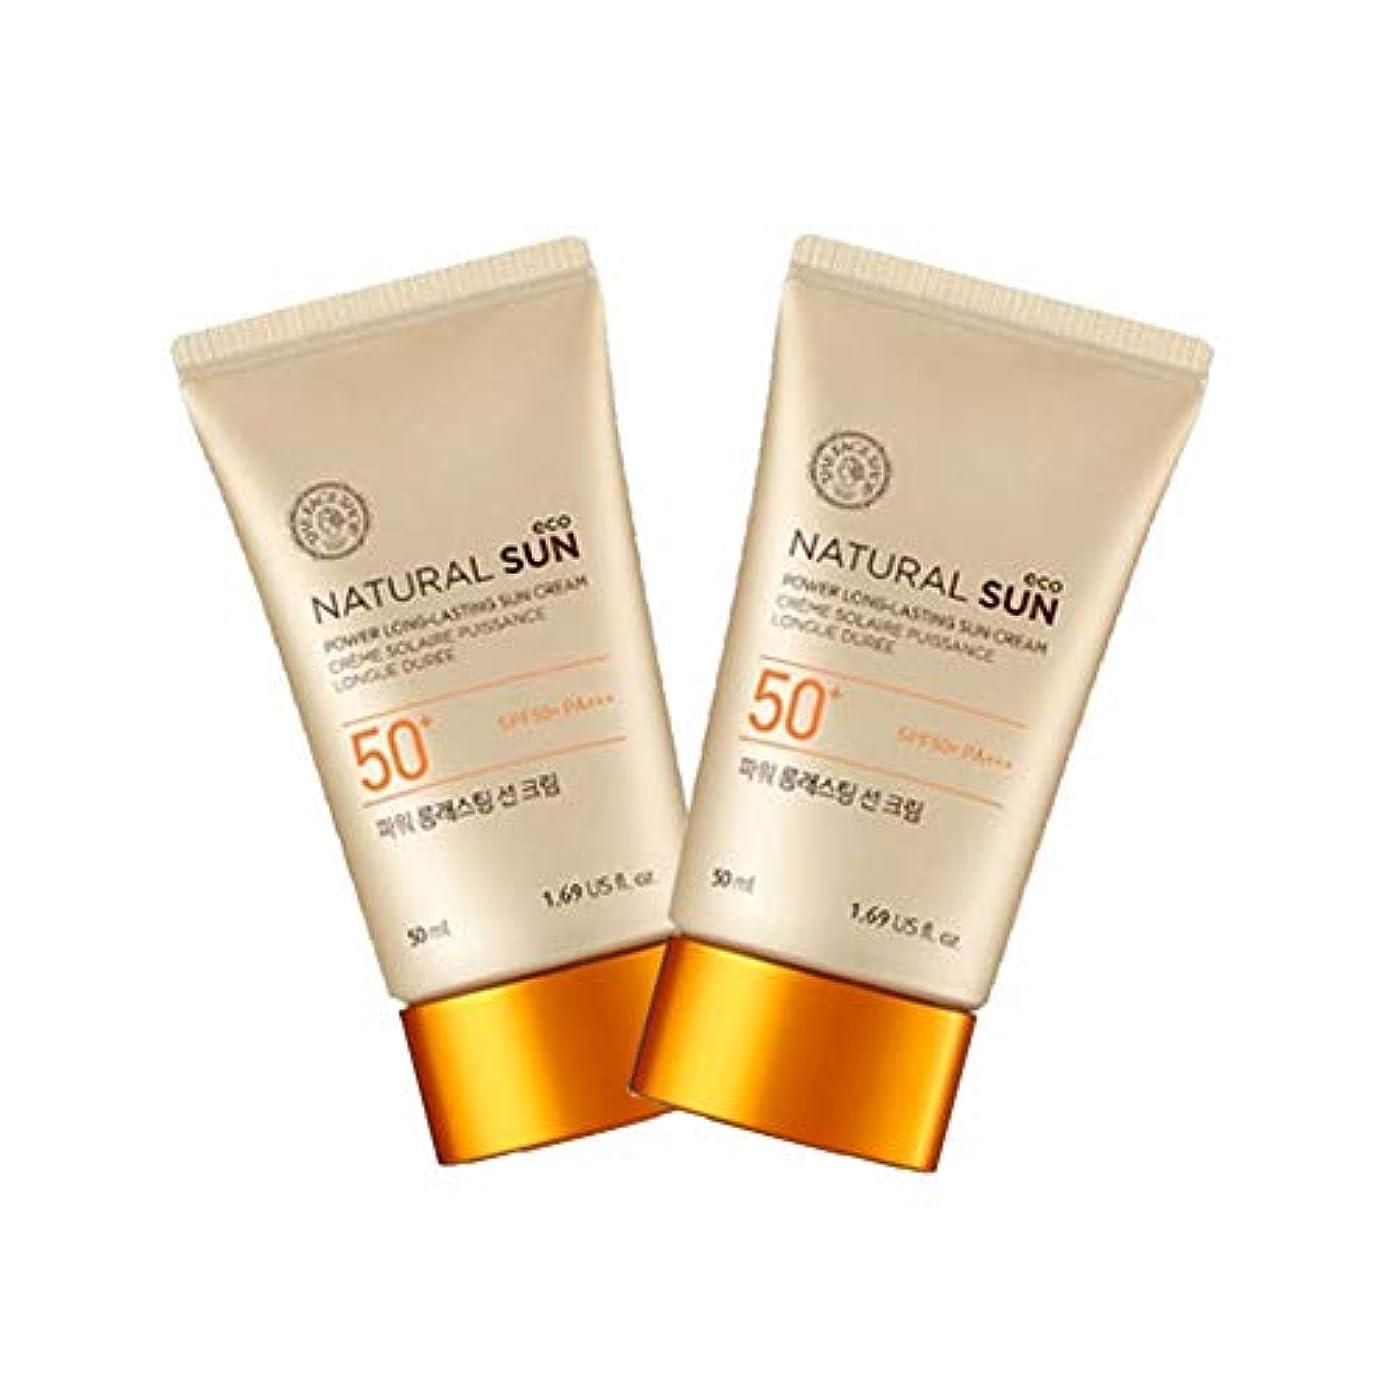 航海渦ブランド名ザ?フェイスショップナチュラルサンエコパワーロングラスティングサンクリーム50mlx2本セット韓国コスメ、The Face Shop Natural Sun Eco Power Long Lasting Sun Cream...